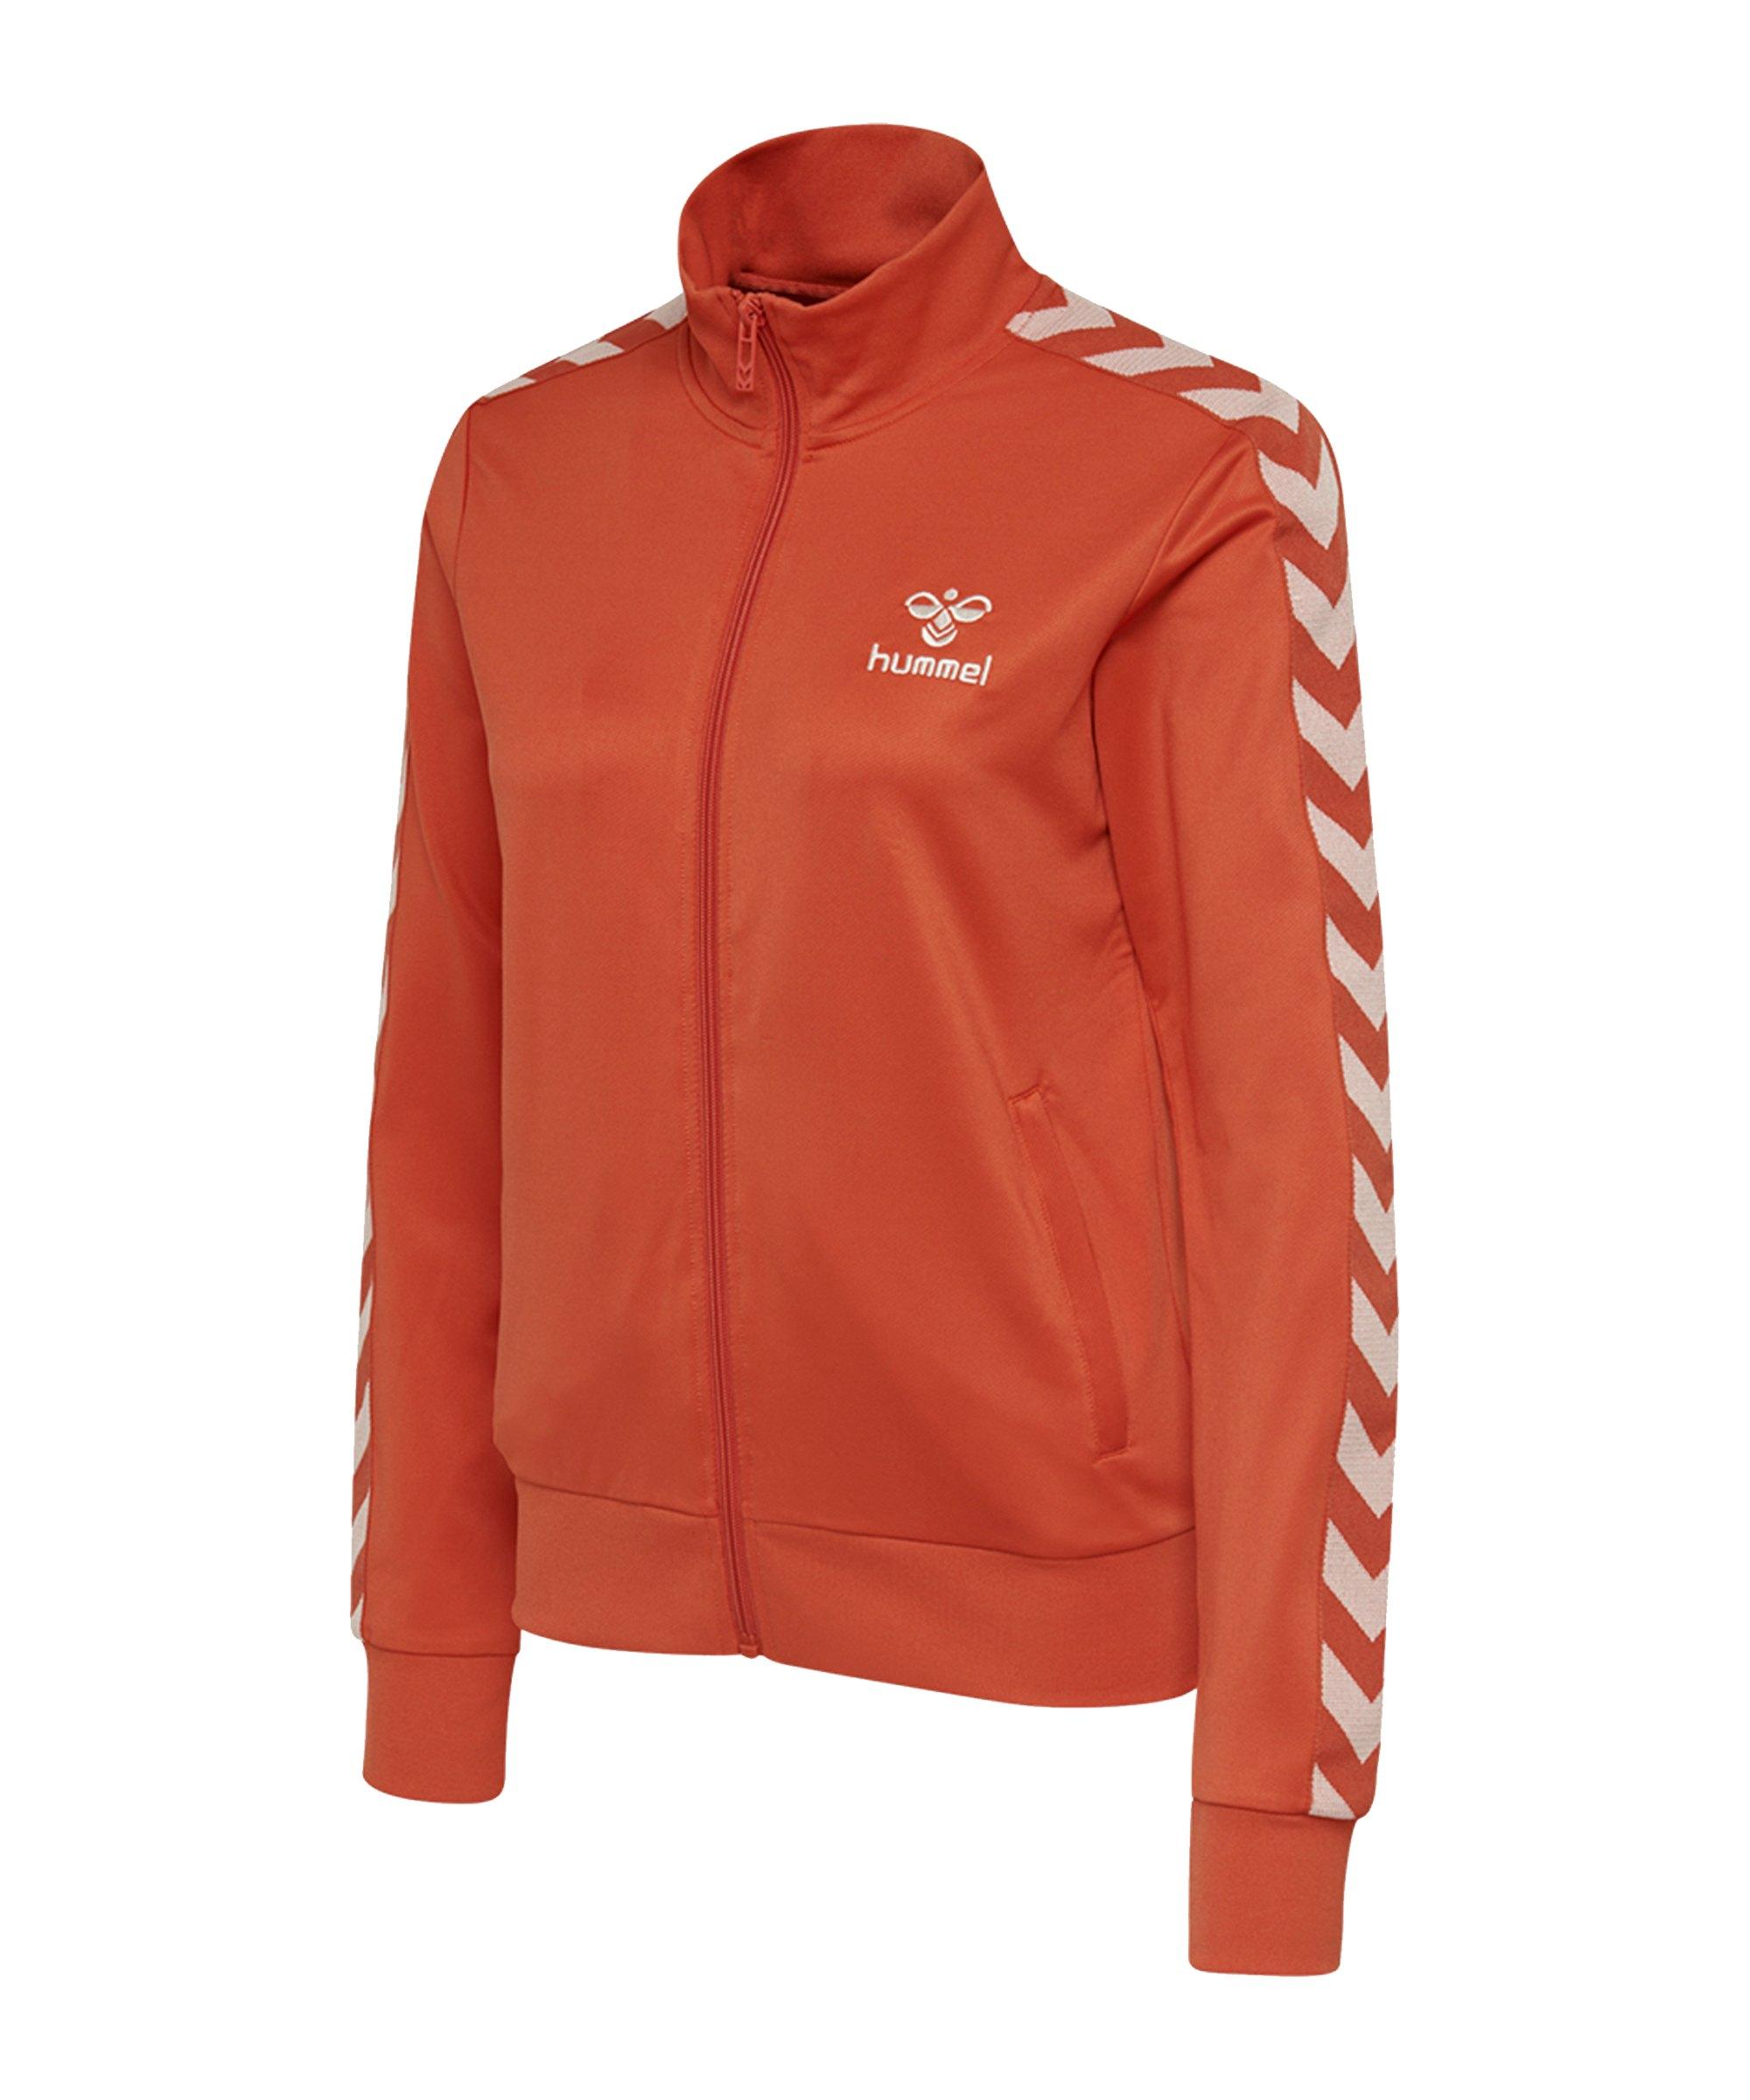 Hummel Nelly Zip Trainingsjacke Damen Orange F3781 - orange